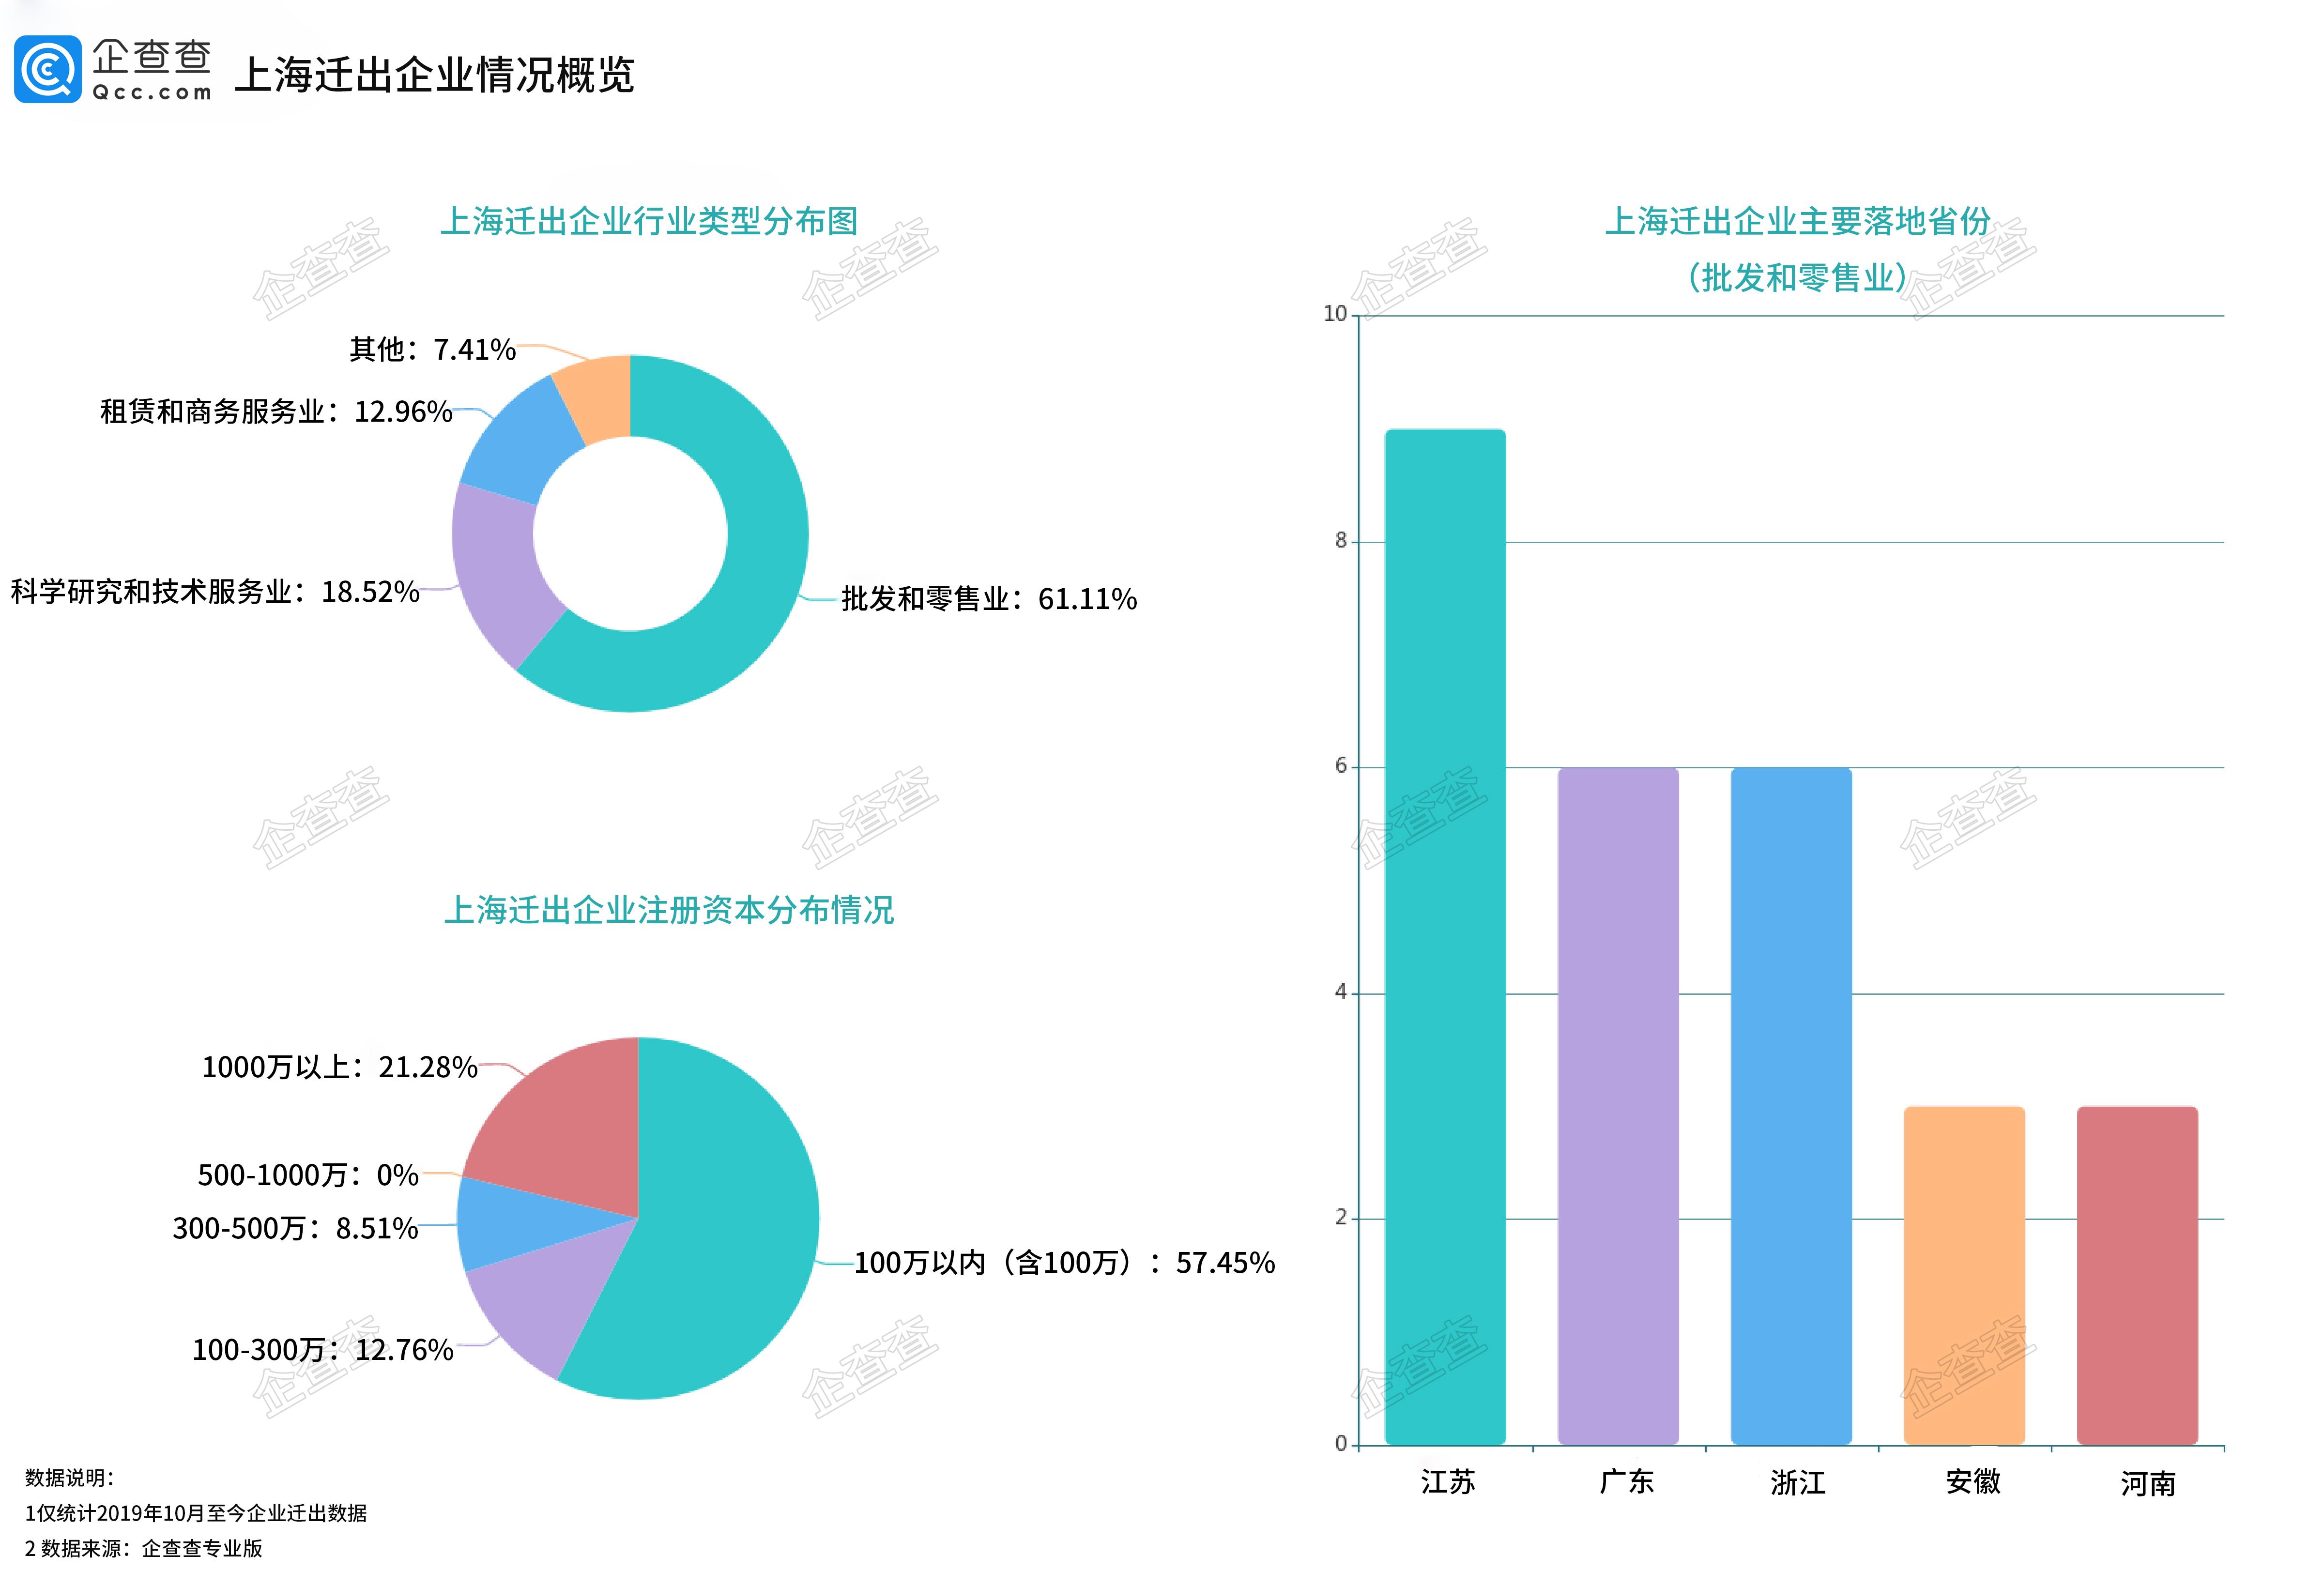 上海迁出企业情况概览.jpg